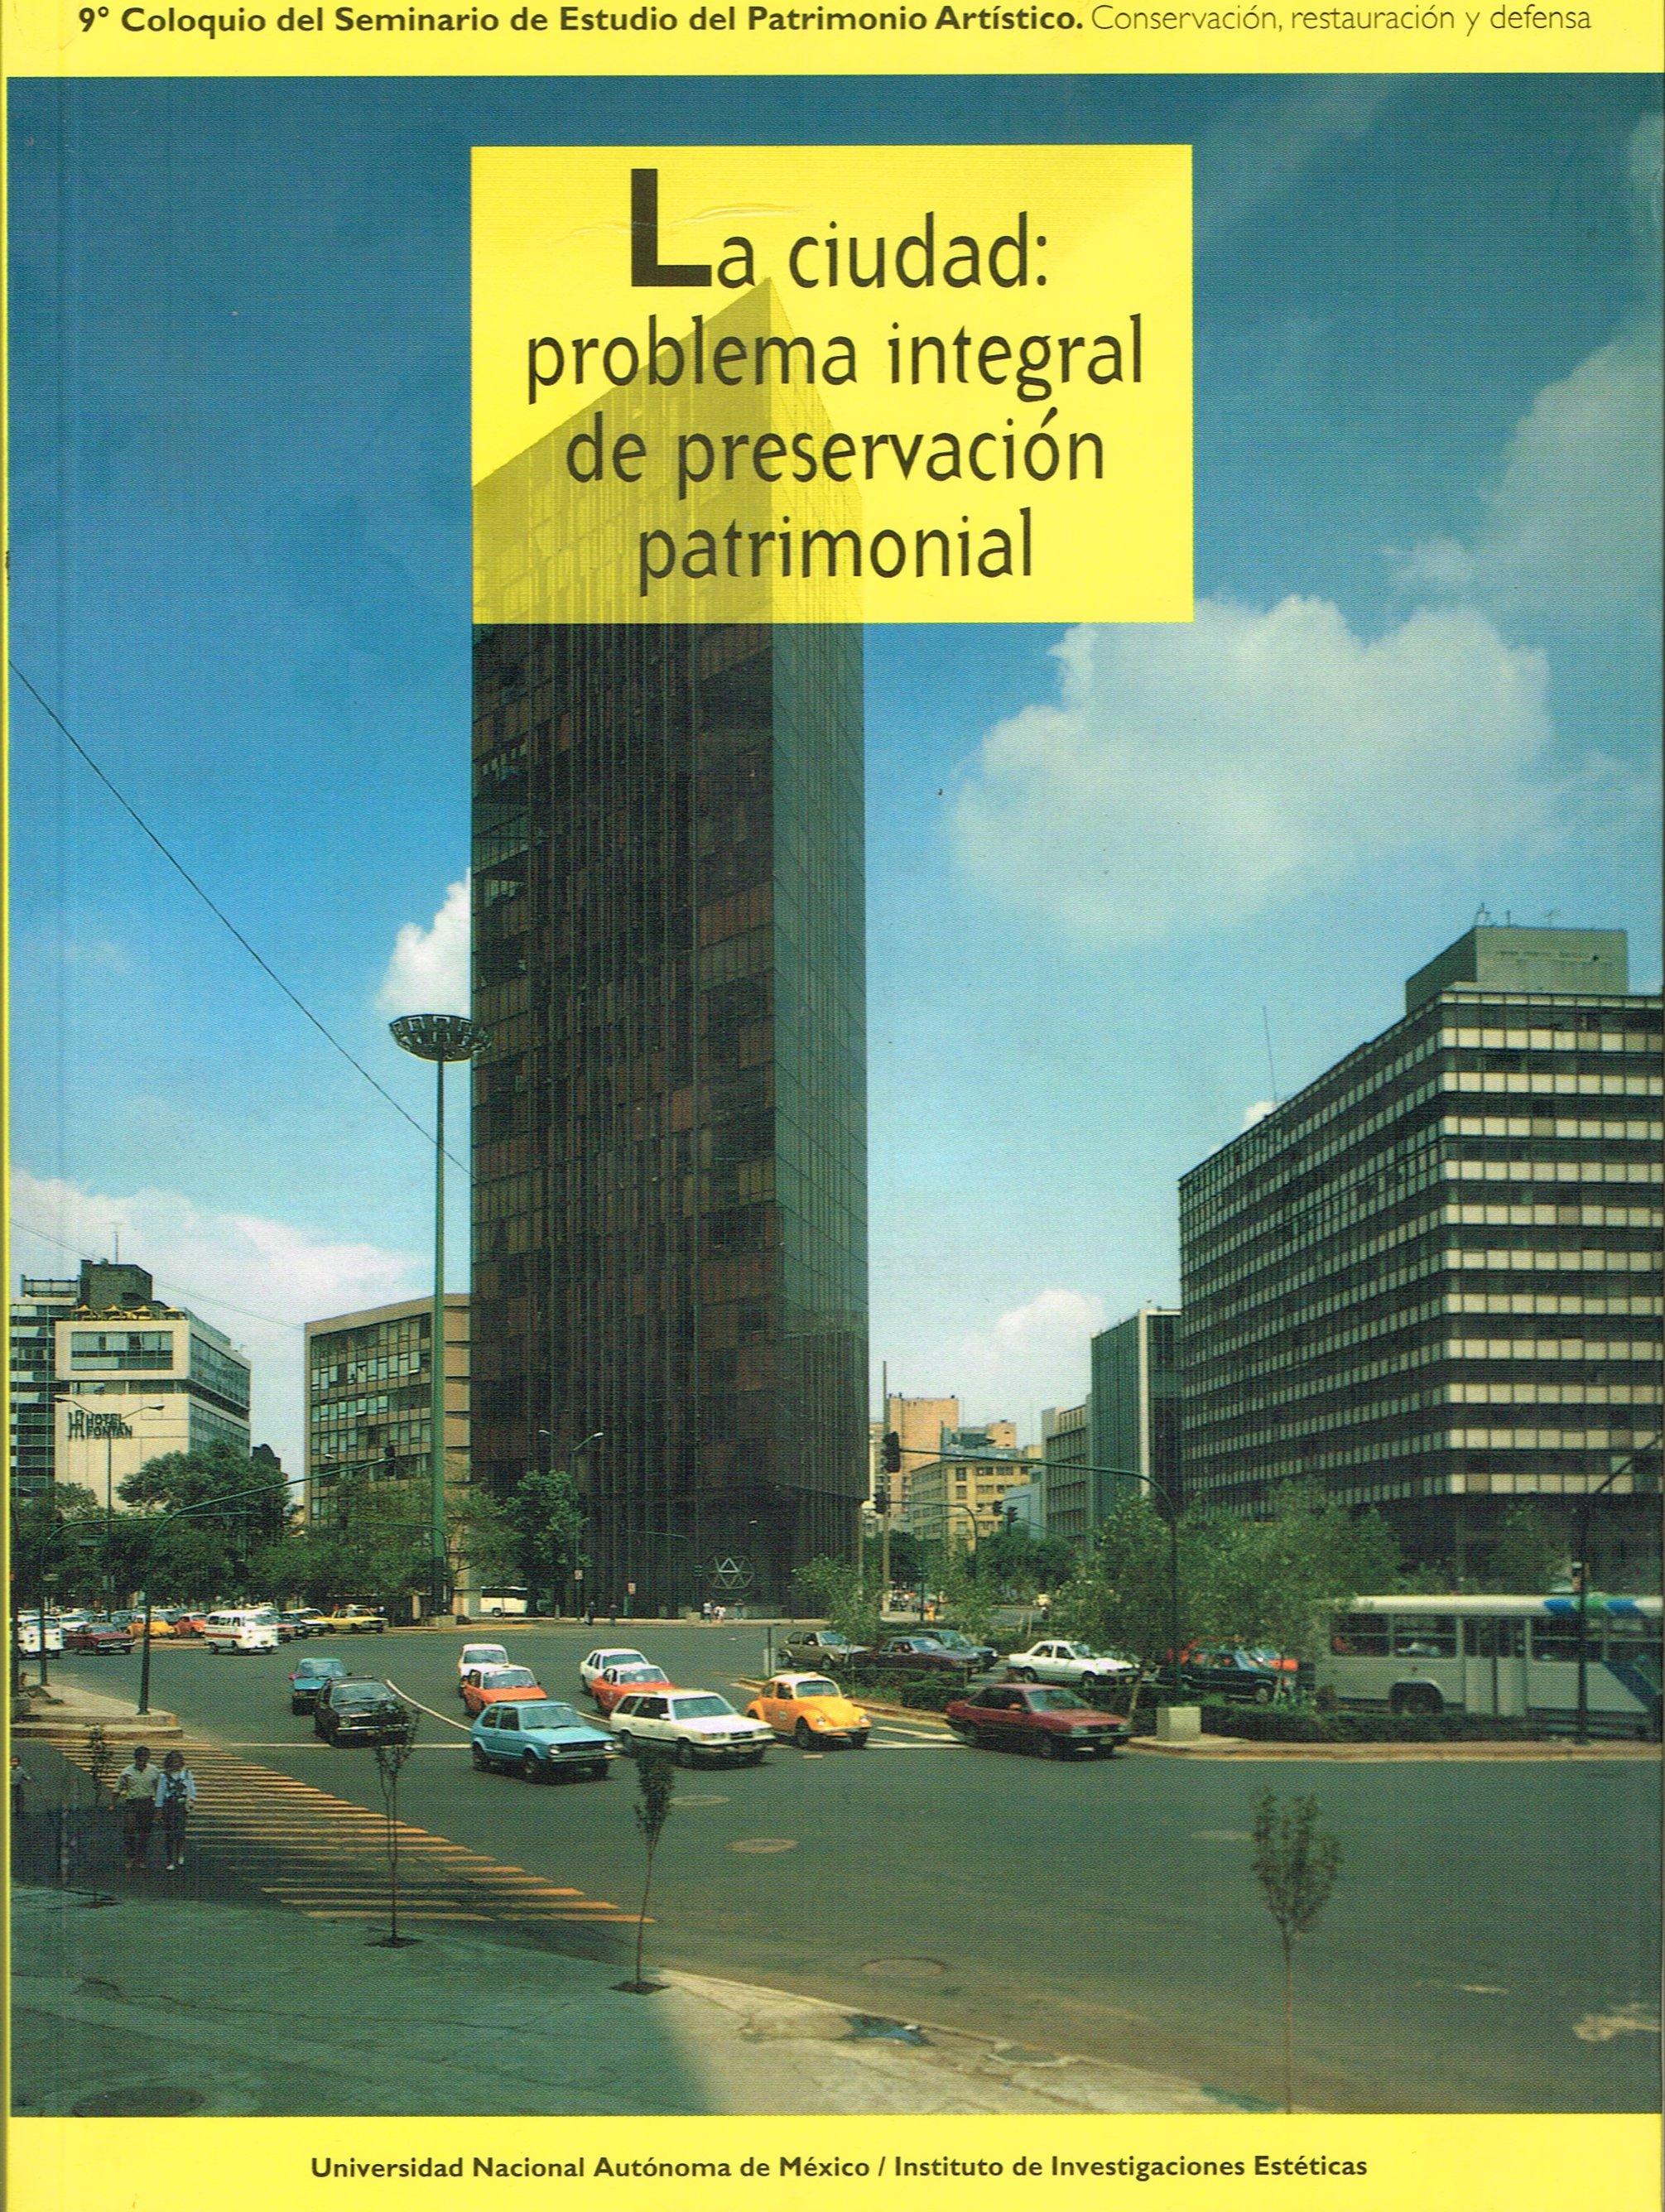 La ciudad. Problema integral de preservación patrimonial 9° coloquio del seminario de estudio del